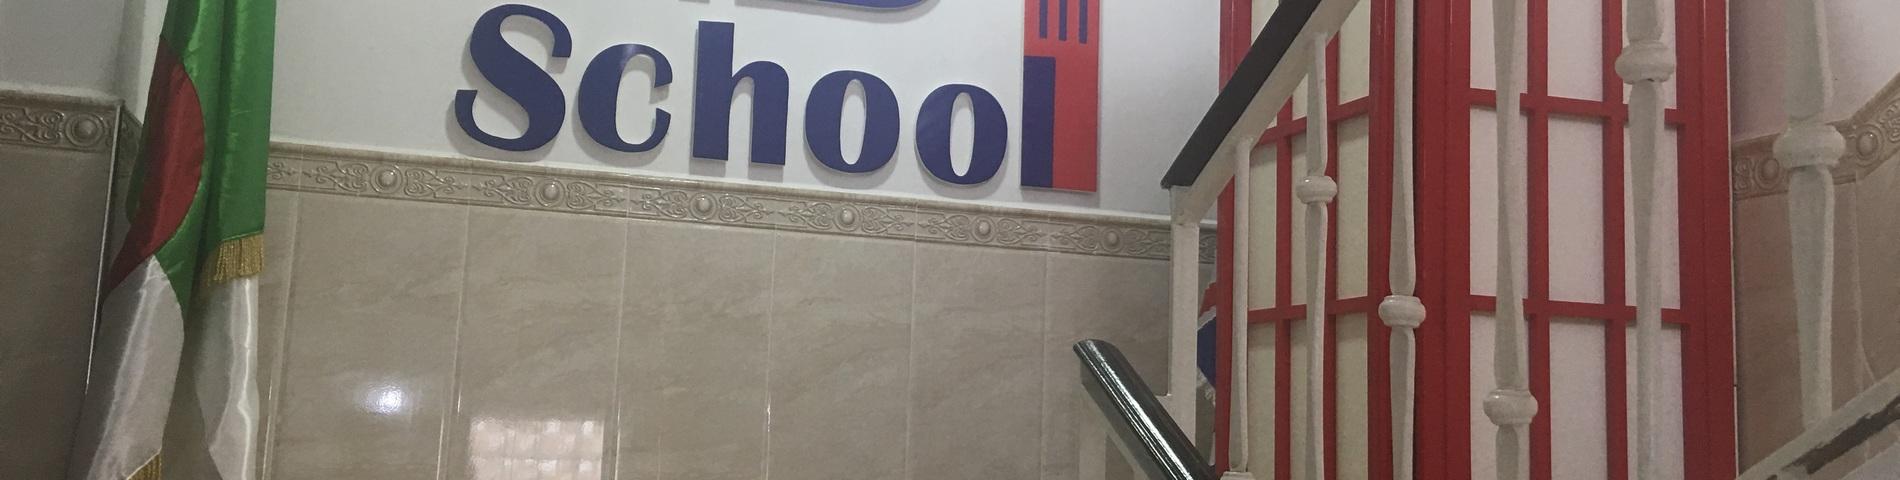 ABI School picture 1